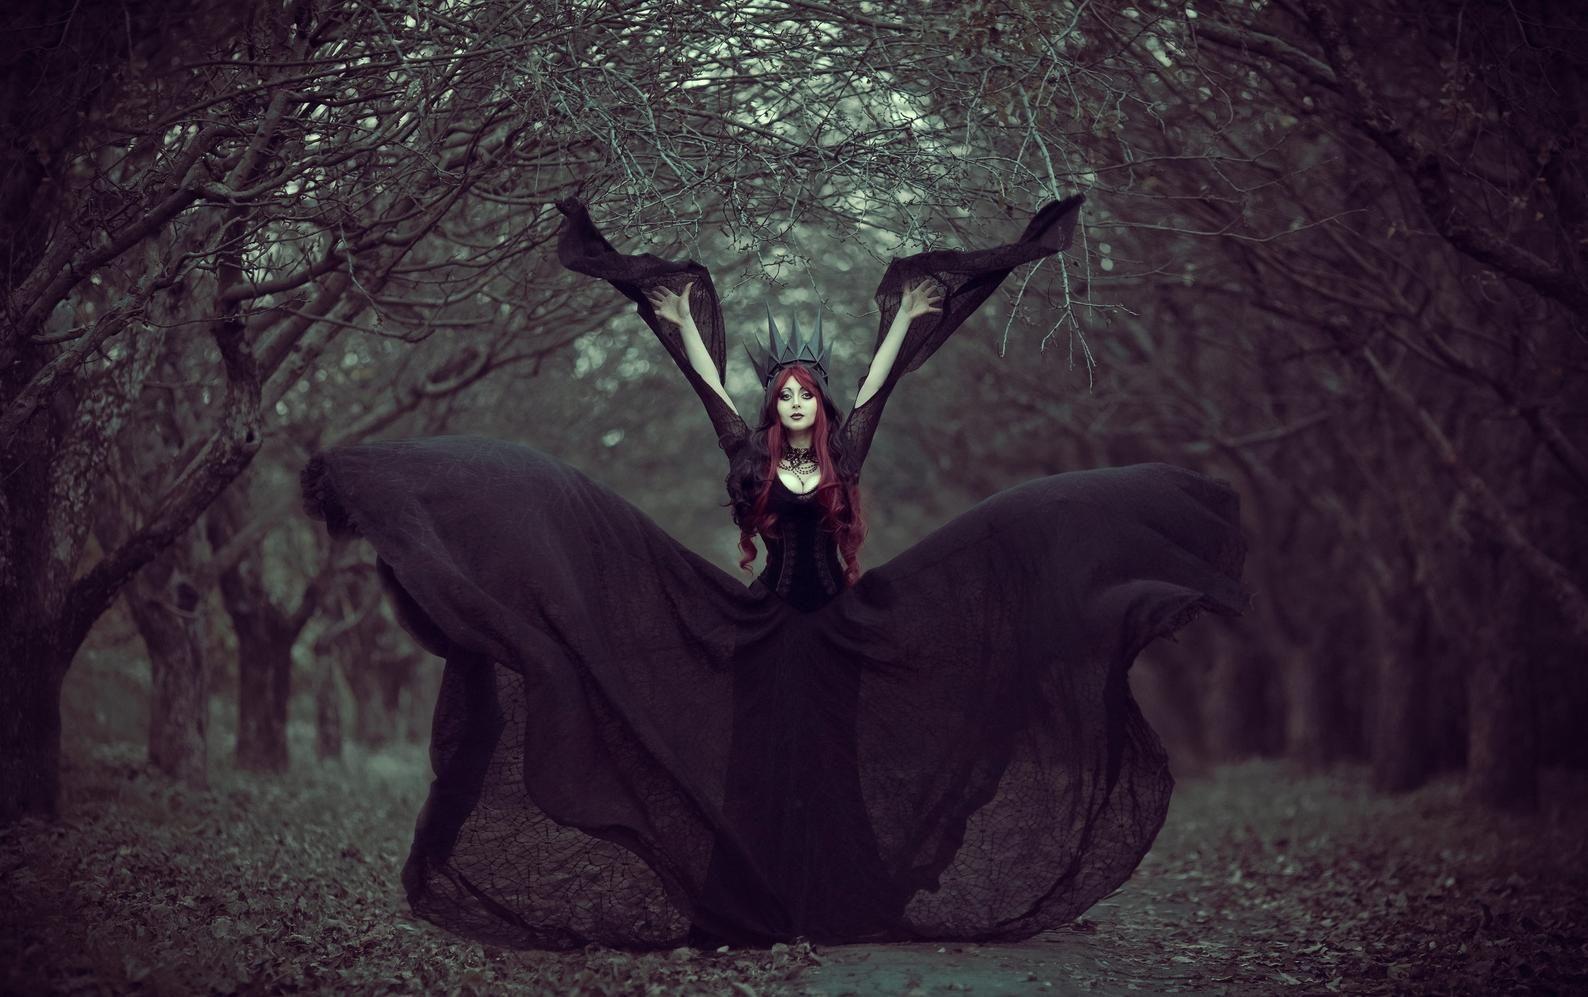 Black Lace Gown Gothic Wedding Dress Sheer Dress With Velvet Corset Vampire Dress Halloween Costume In 2021 Black Queen Fantasy Photography Dark Queen [ 997 x 1588 Pixel ]